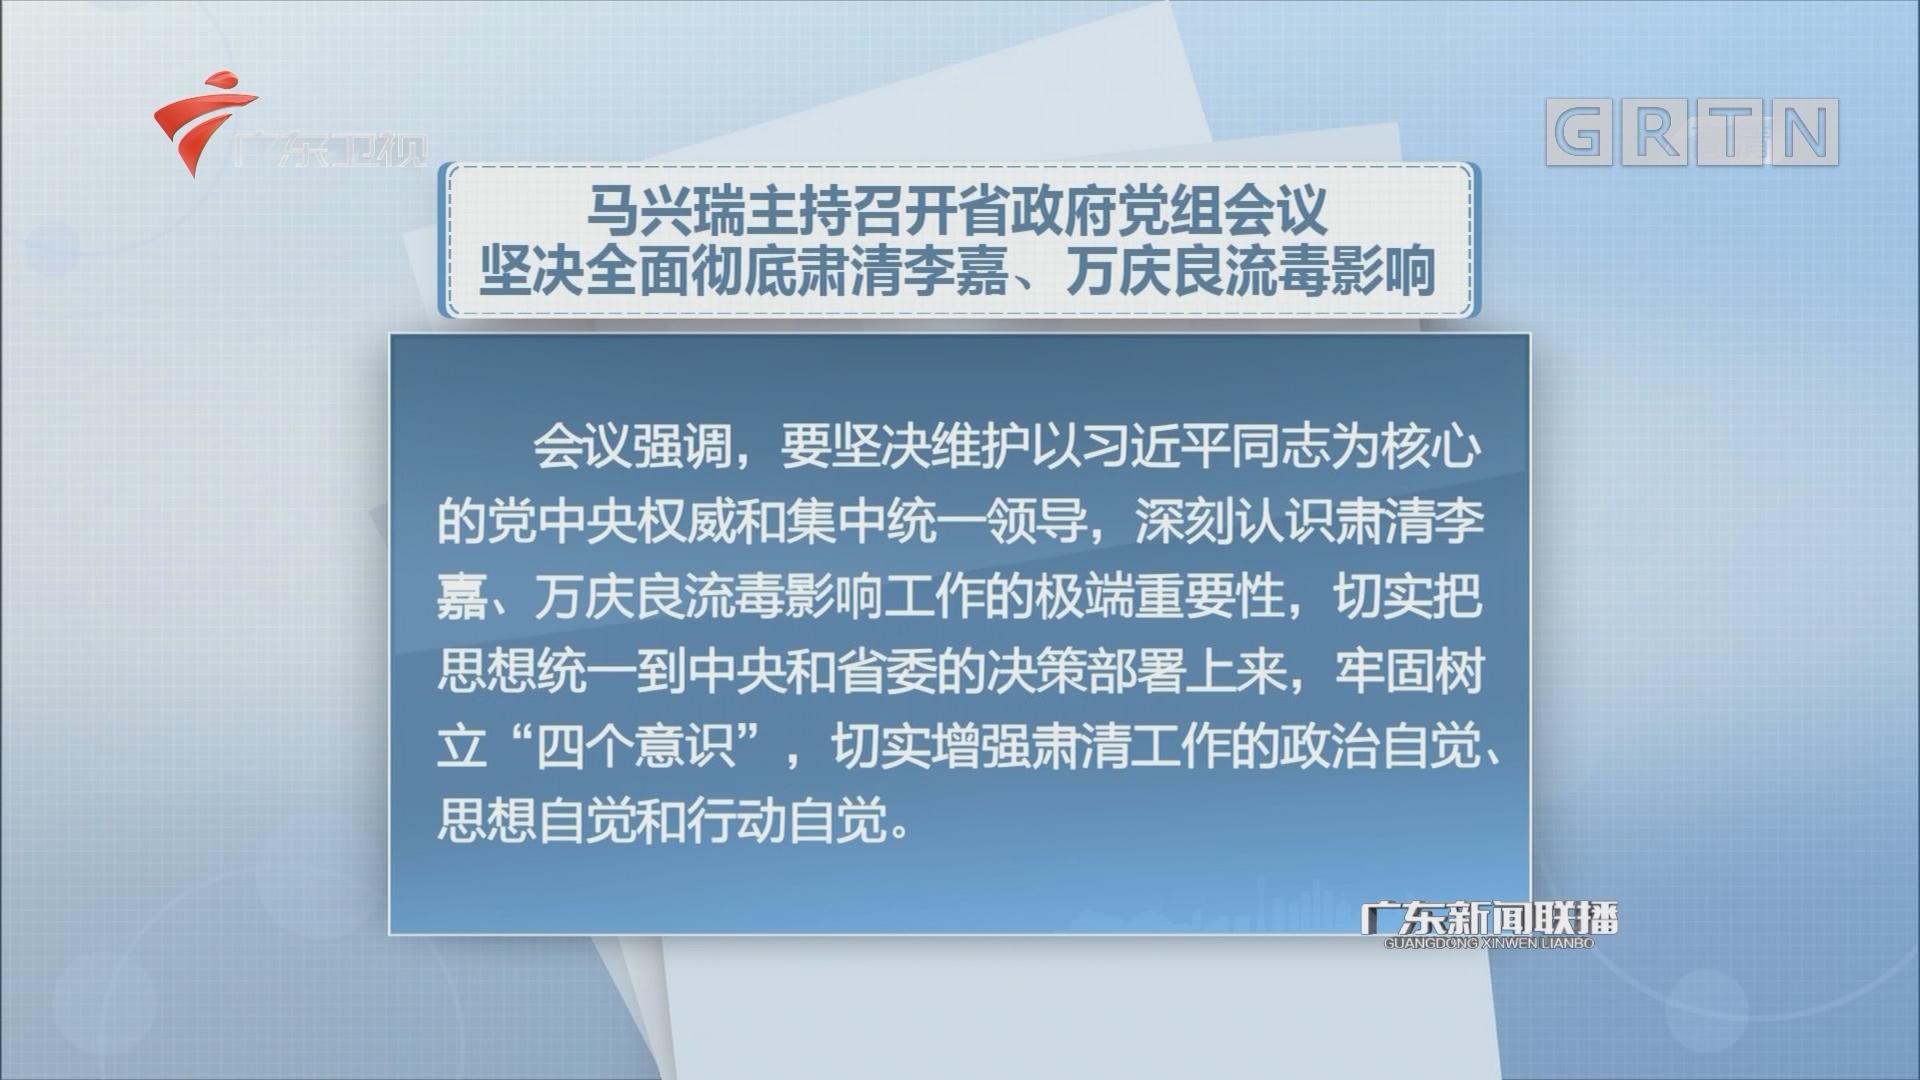 马兴瑞主持召开省政府党组会议 省政府常务会议